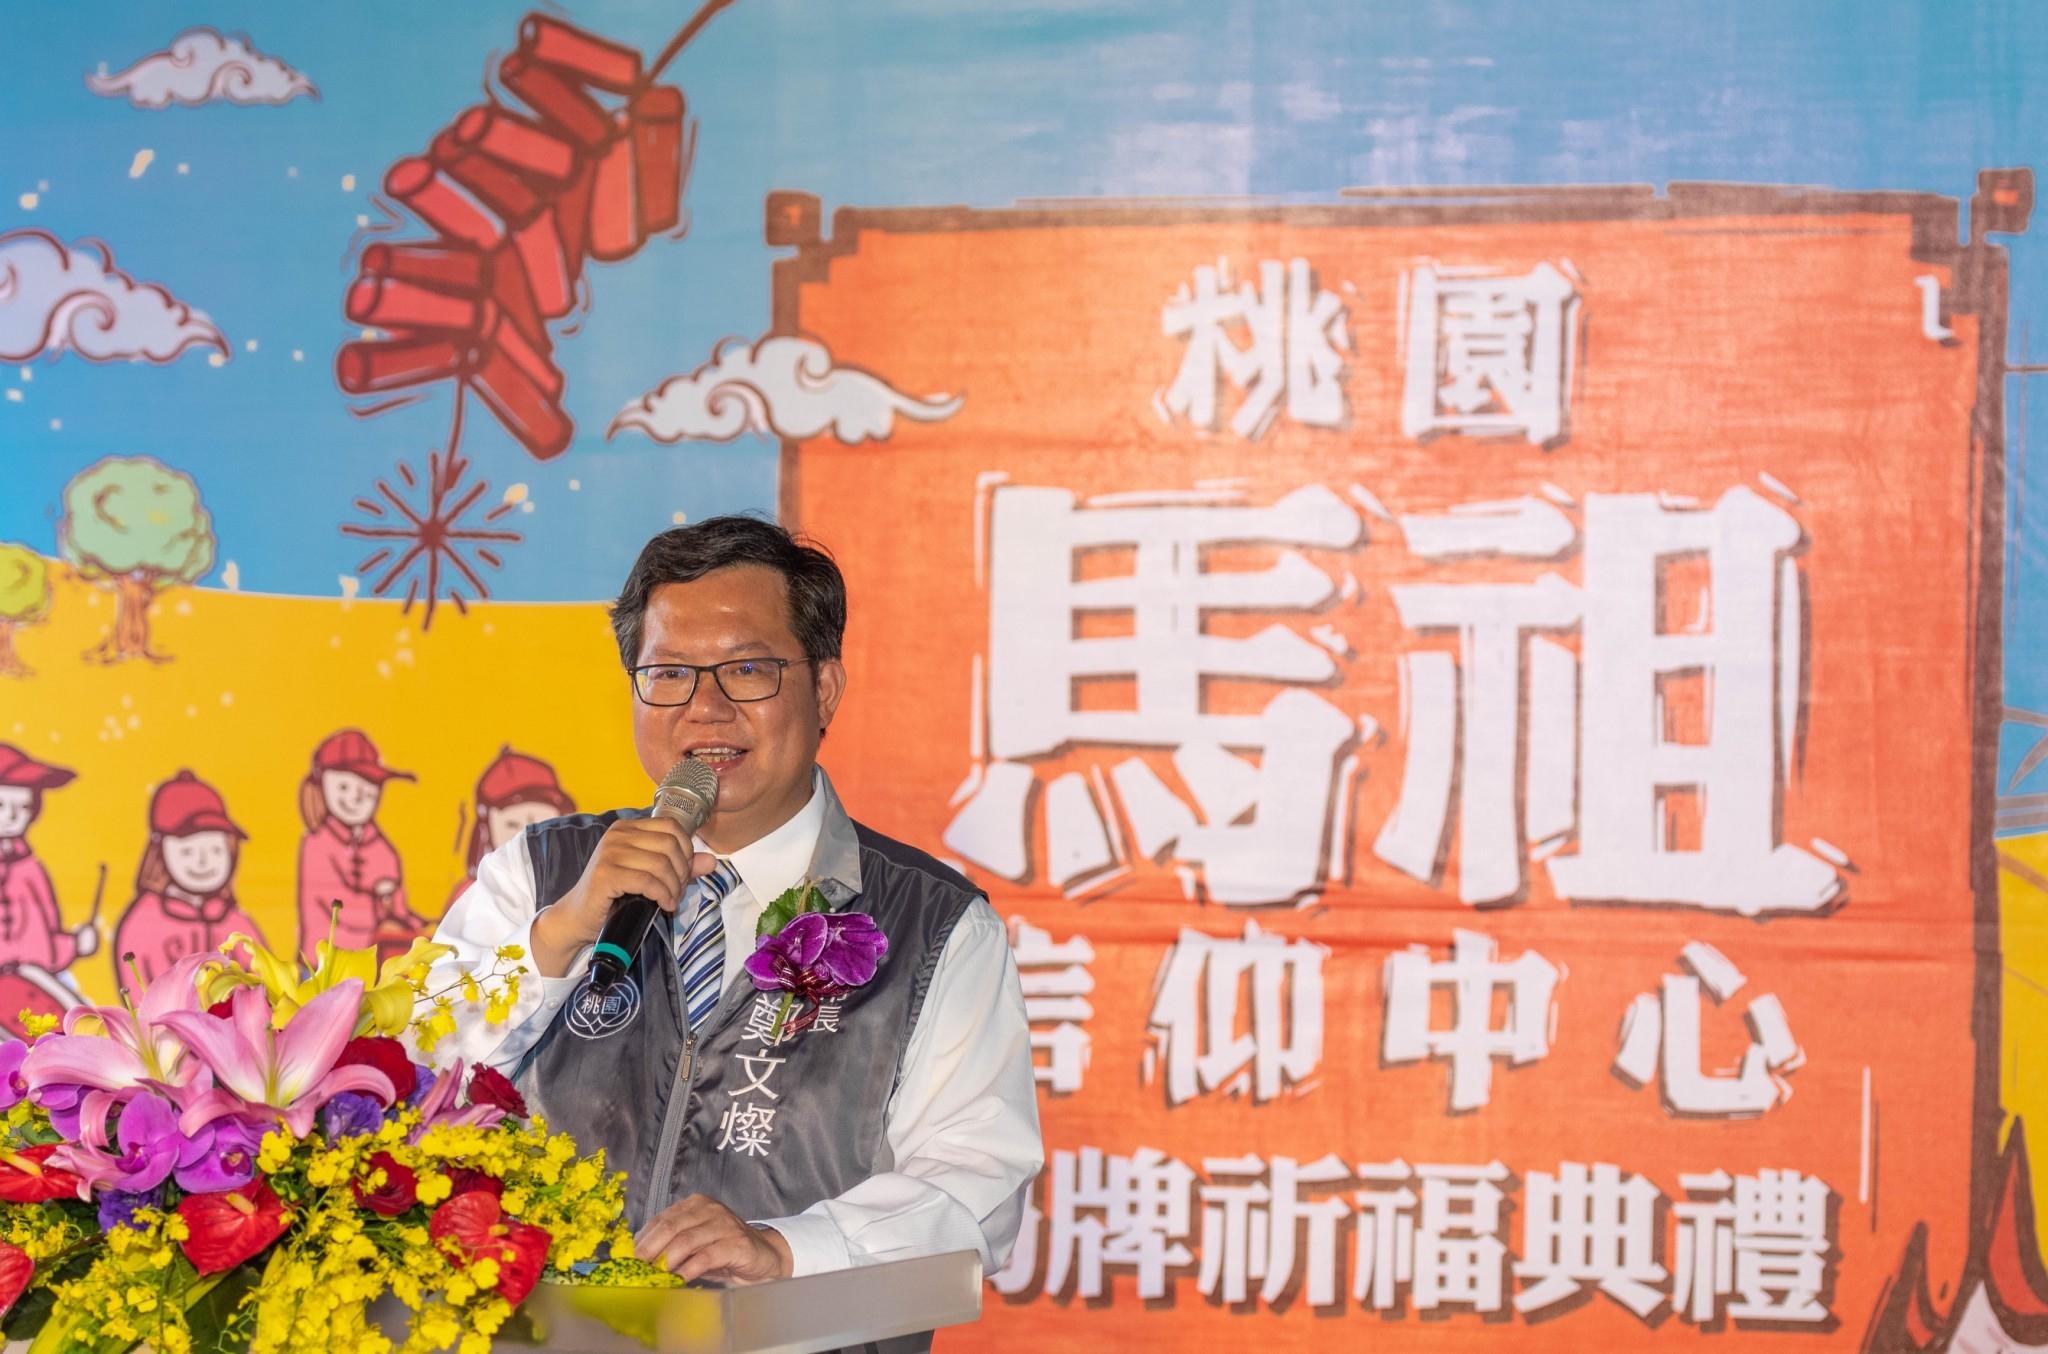 市長致詞表示,展現馬祖閩東式建築、文化、信仰魅力